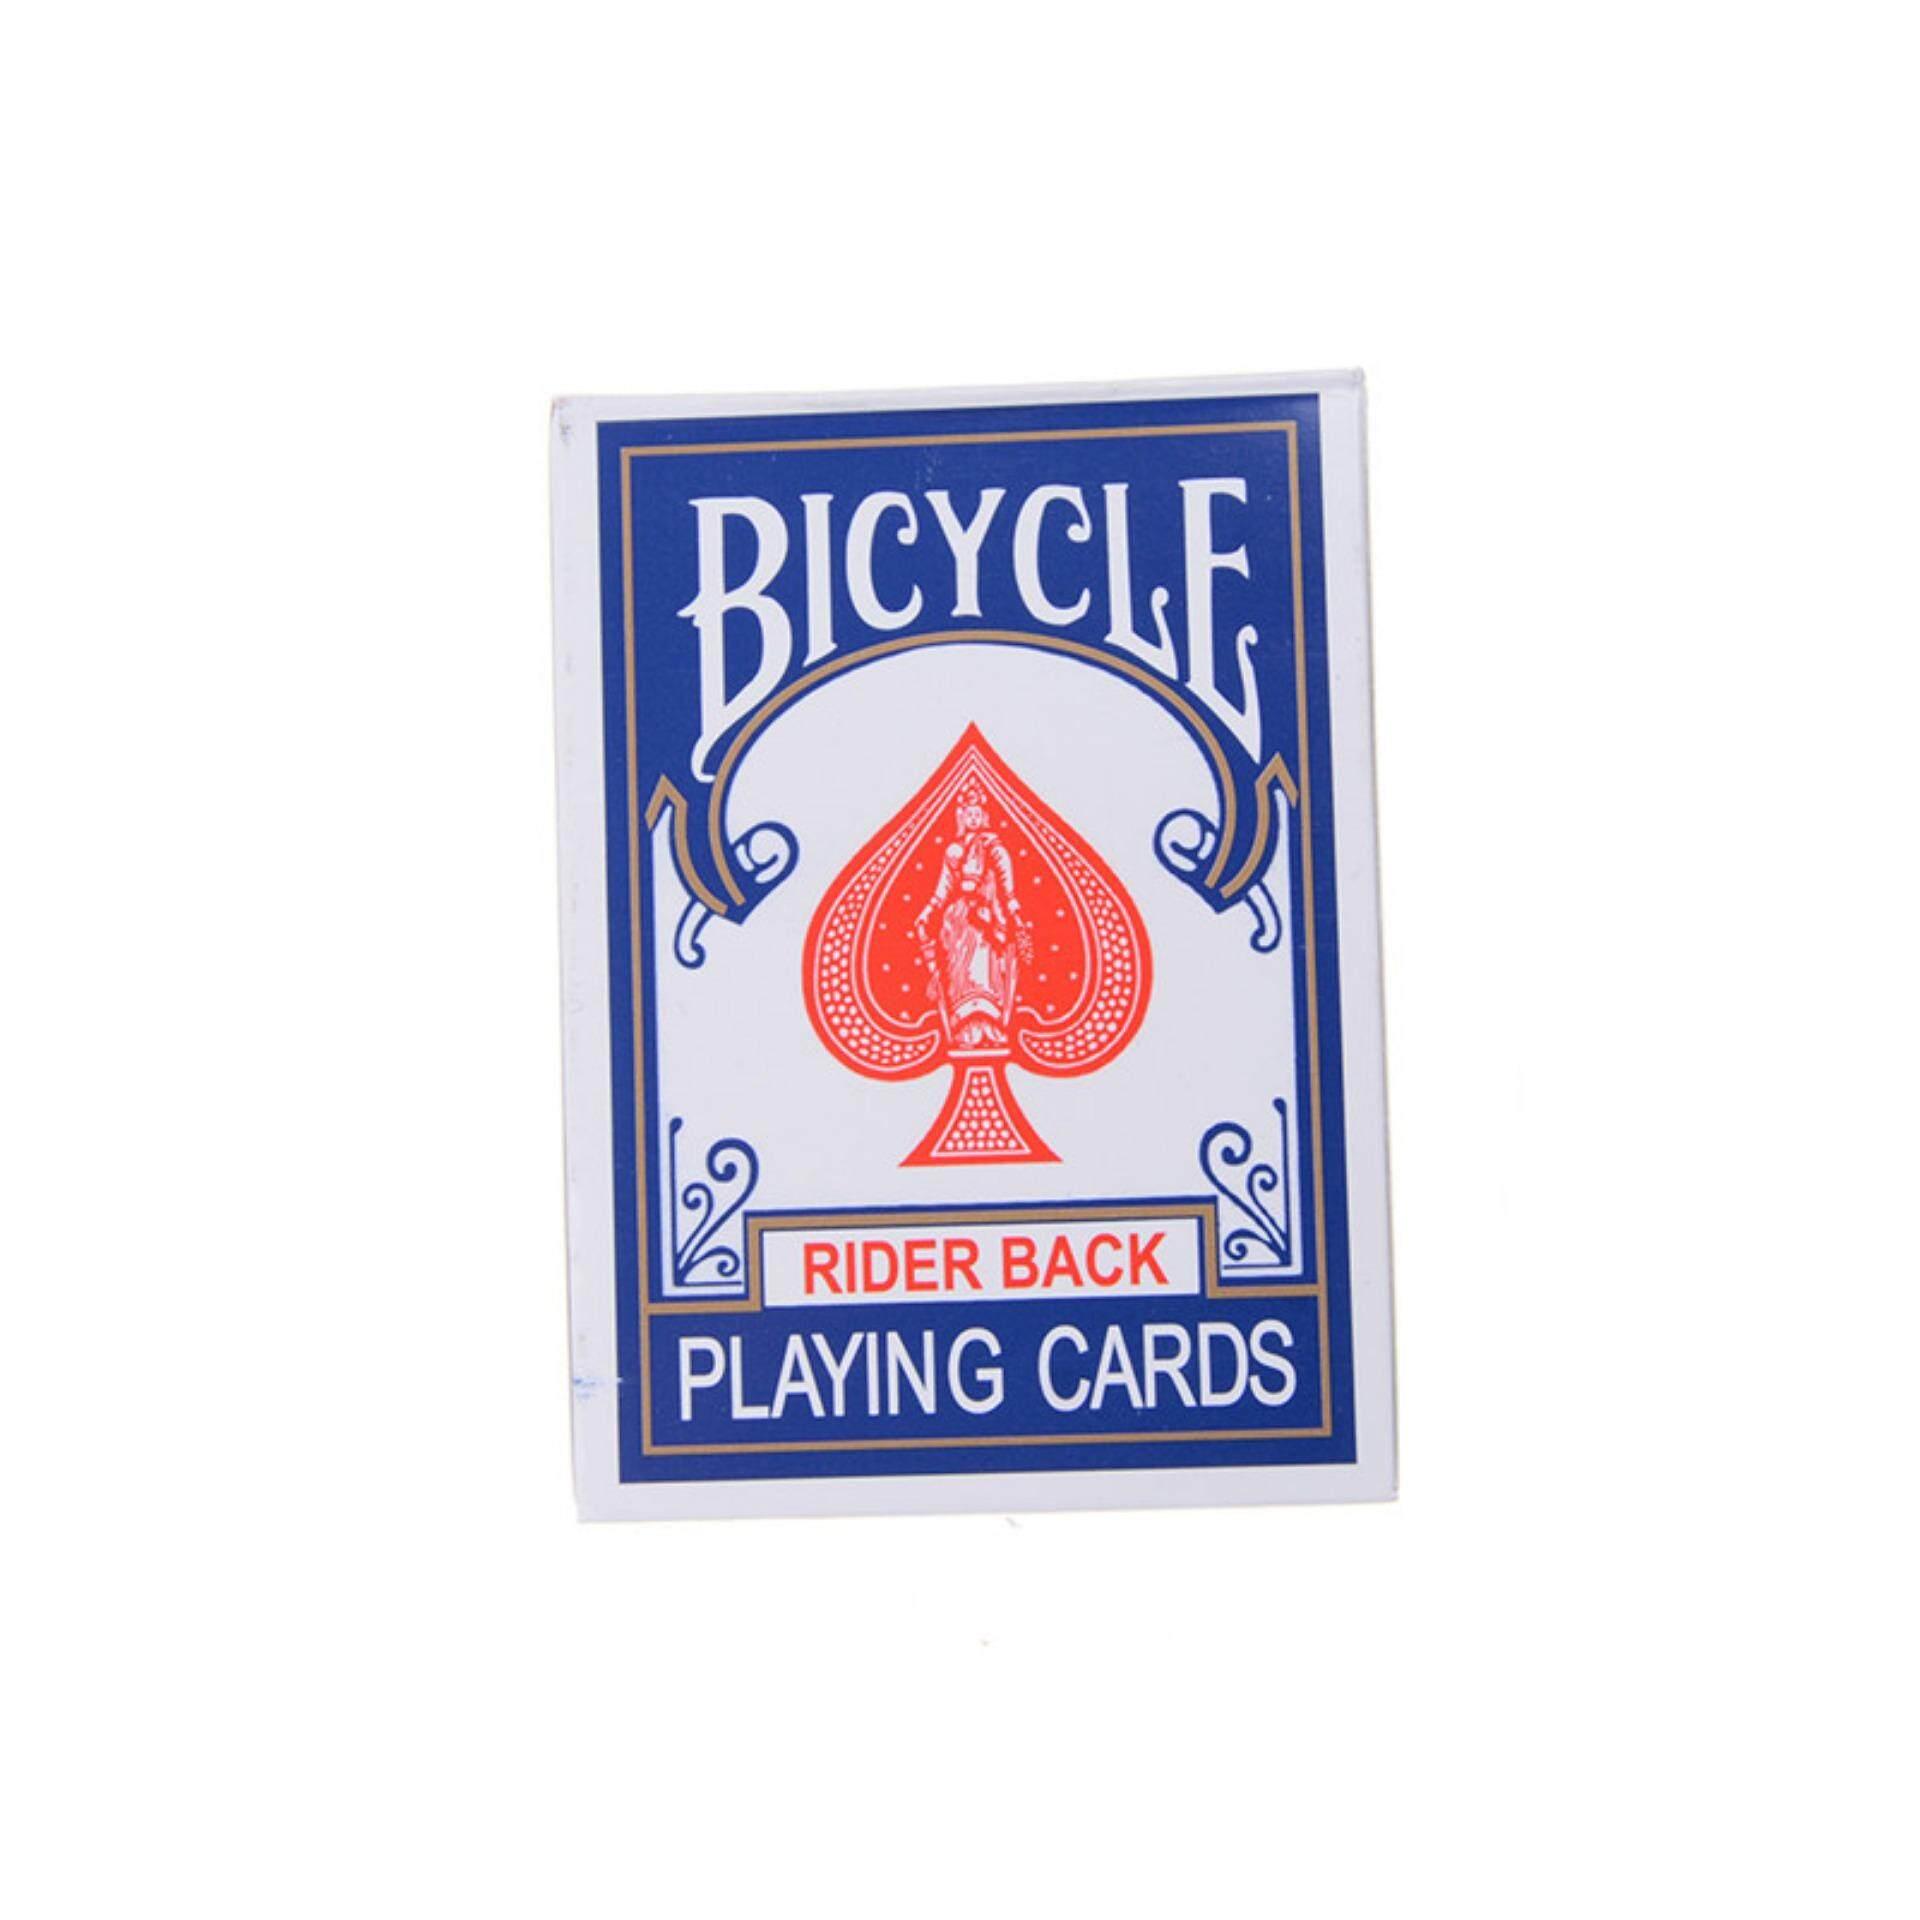 Jettingbuy Kartu Permainan Sepeda Poker Rider Kembali Standar Deck Mainan Ajaib Biru